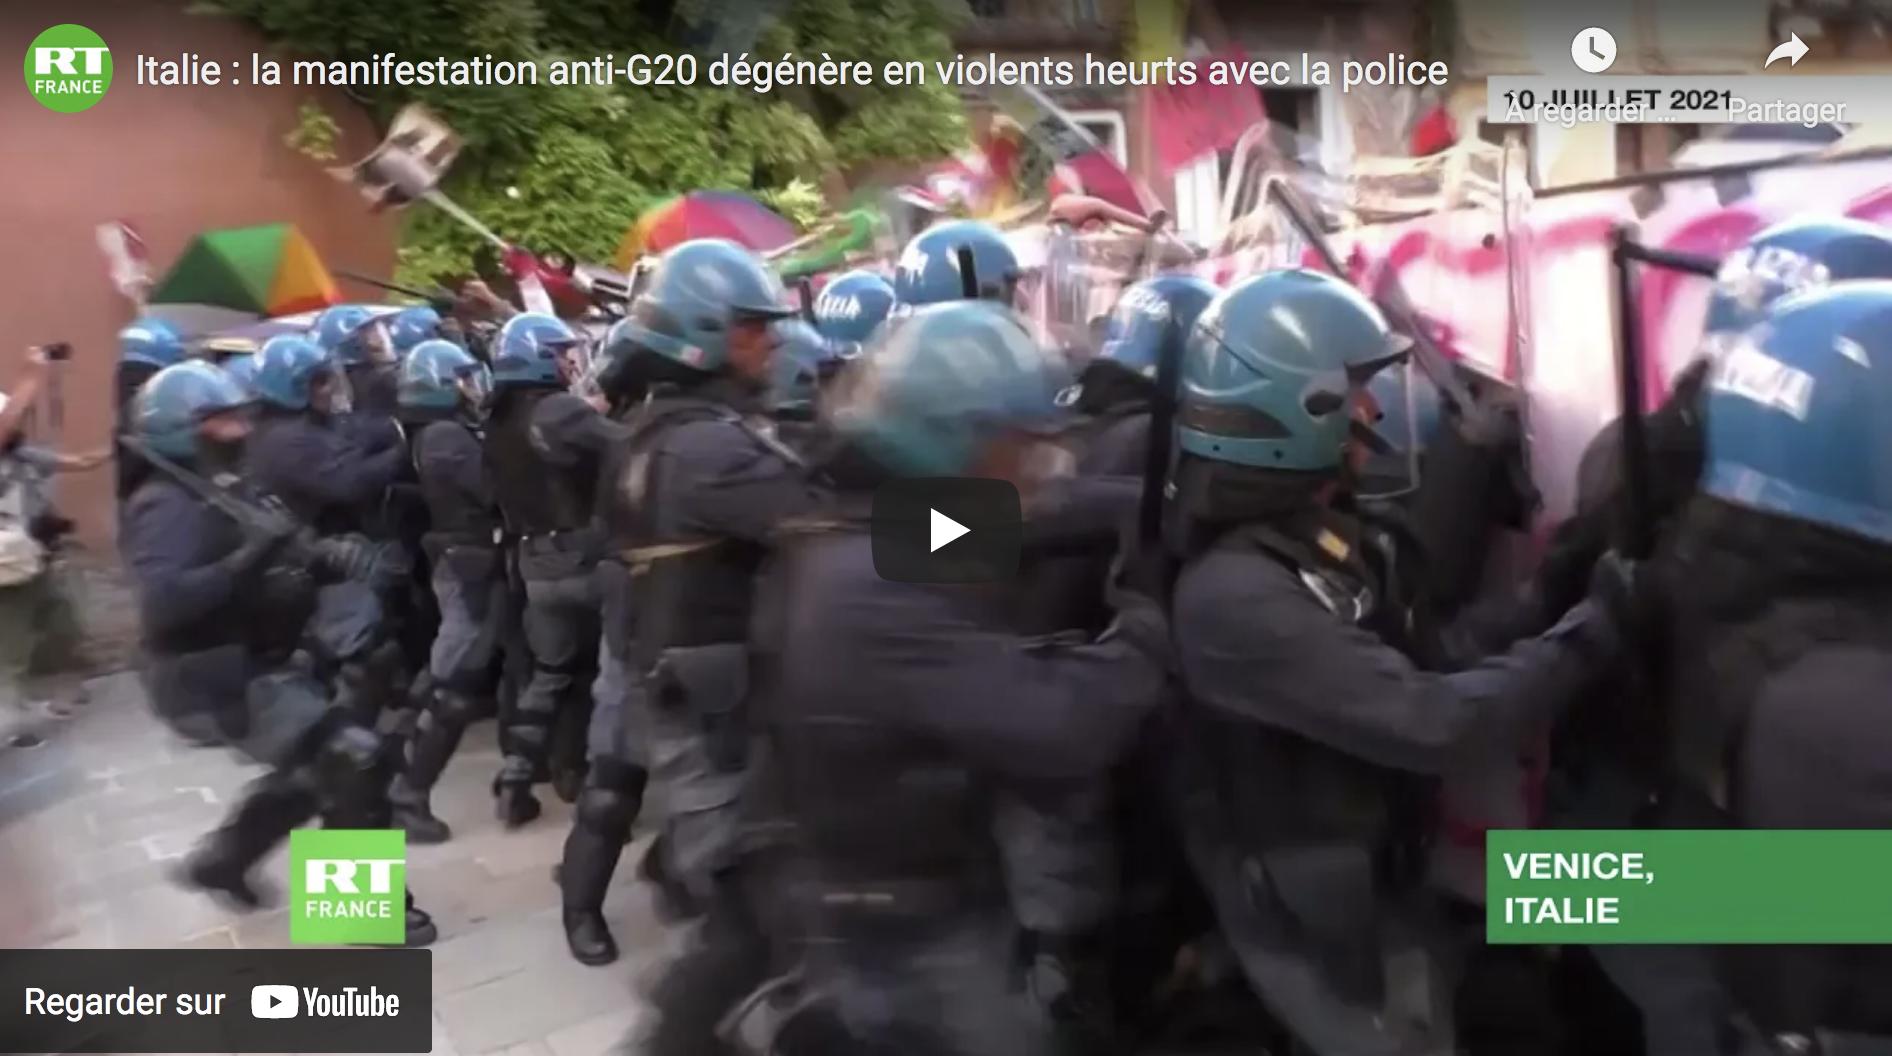 Italie : la manifestation anti-G20 dégénère en violents heurts avec la police (VIDÉO)